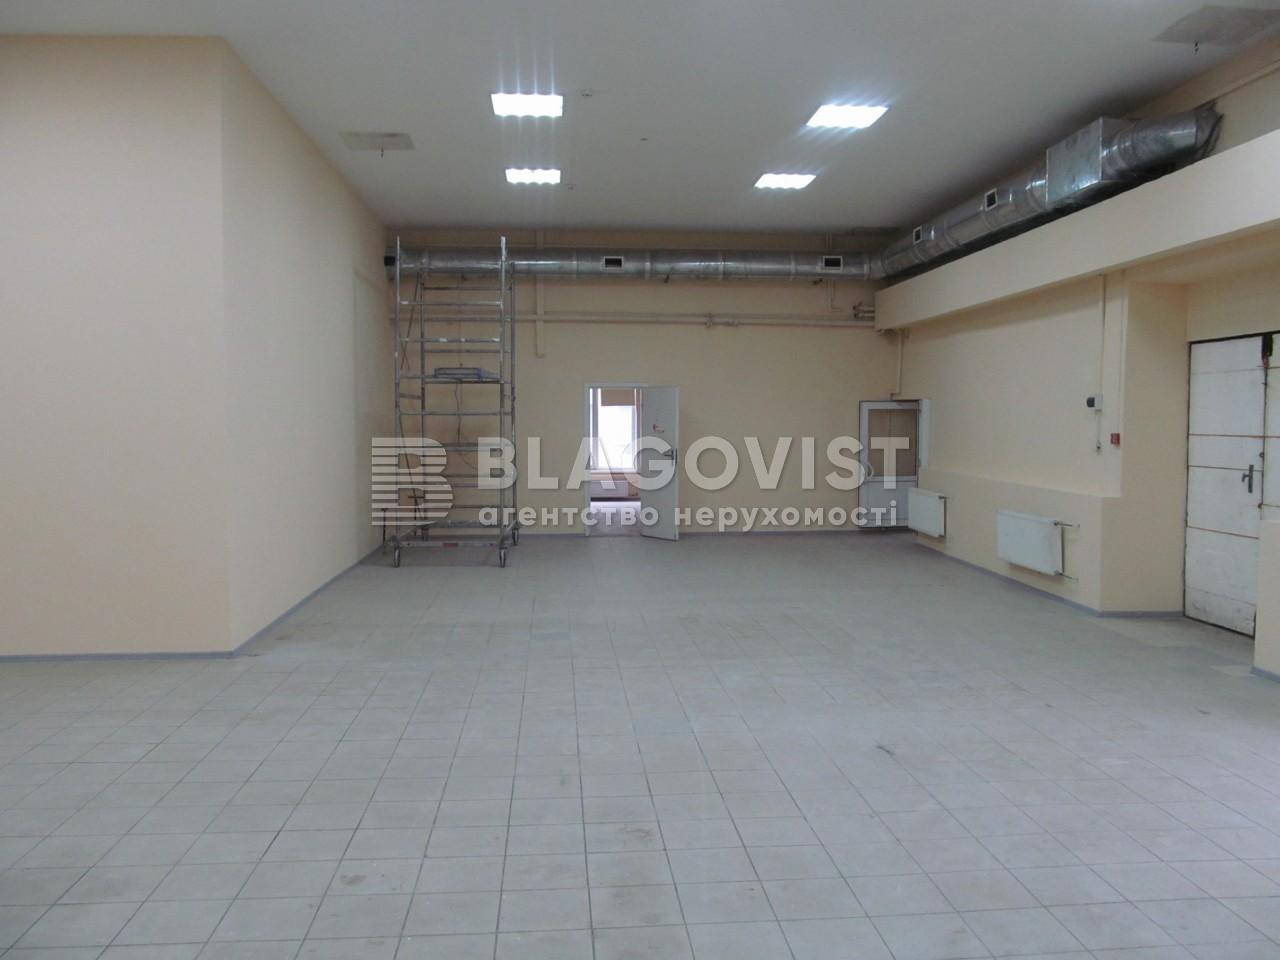 Нежилое помещение, F-41597, Малевича Казимира (Боженко), Киев - Фото 7